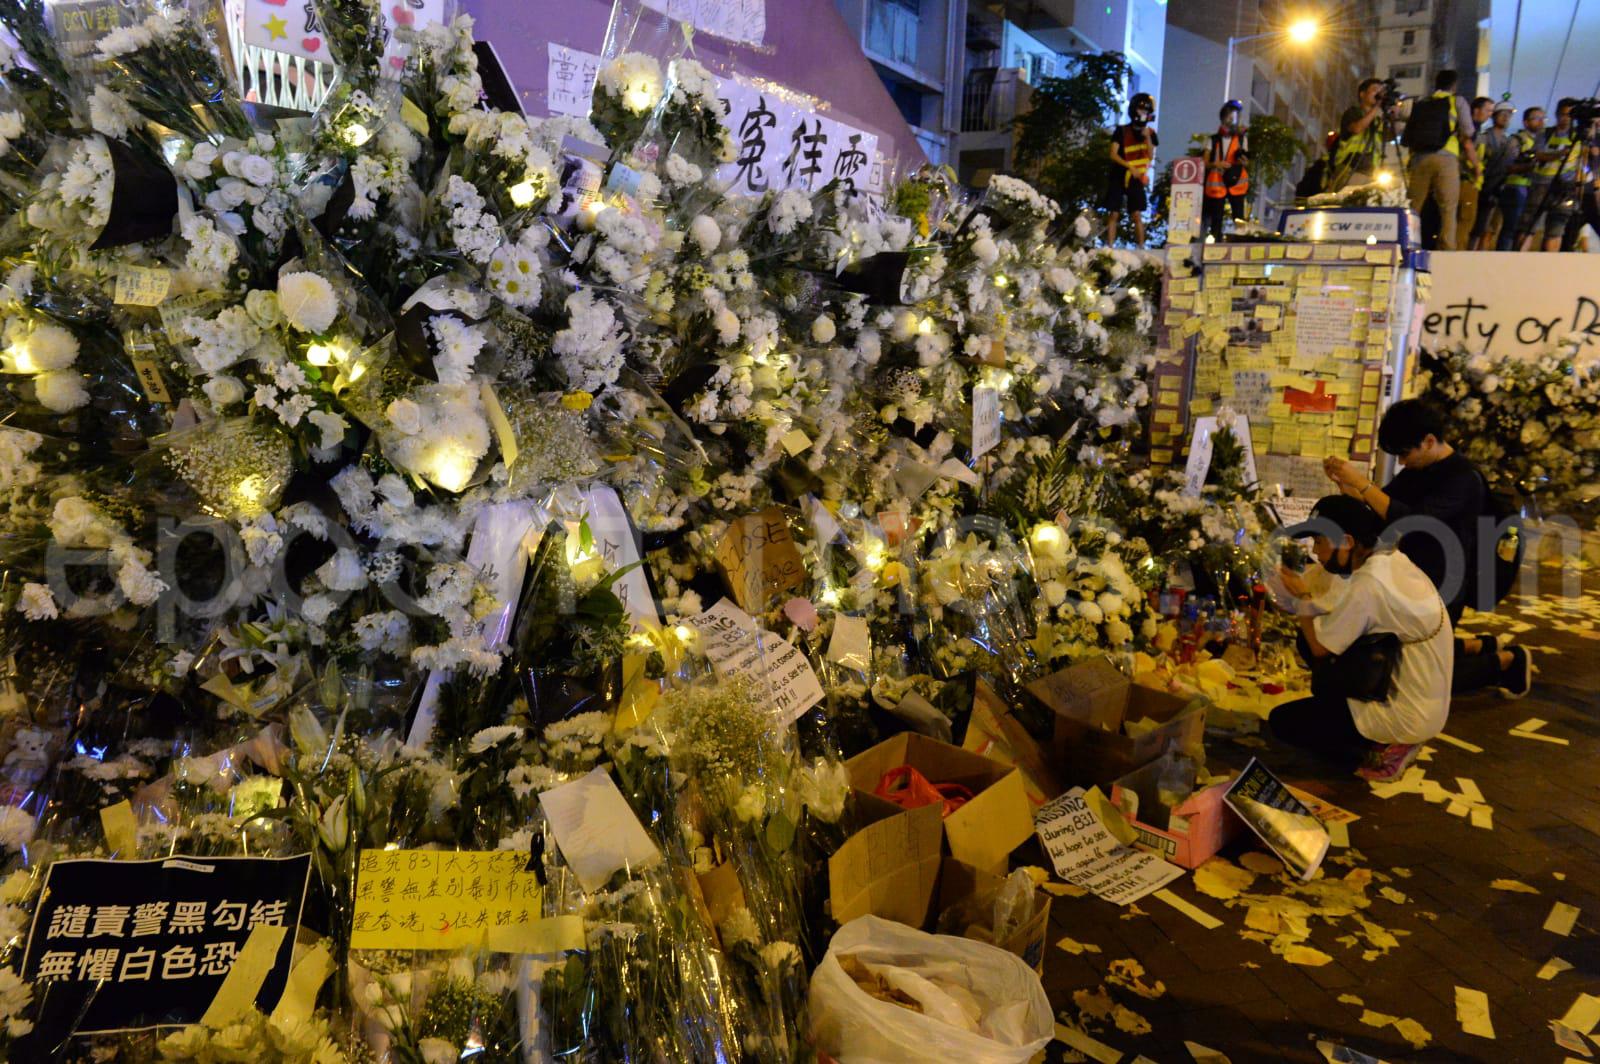 近日不斷有香港市民前往港鐵太子站口獻上花束,紀念831晚事件,6日晚聚集了更多的鮮花民眾。(宋碧龍/大紀元)